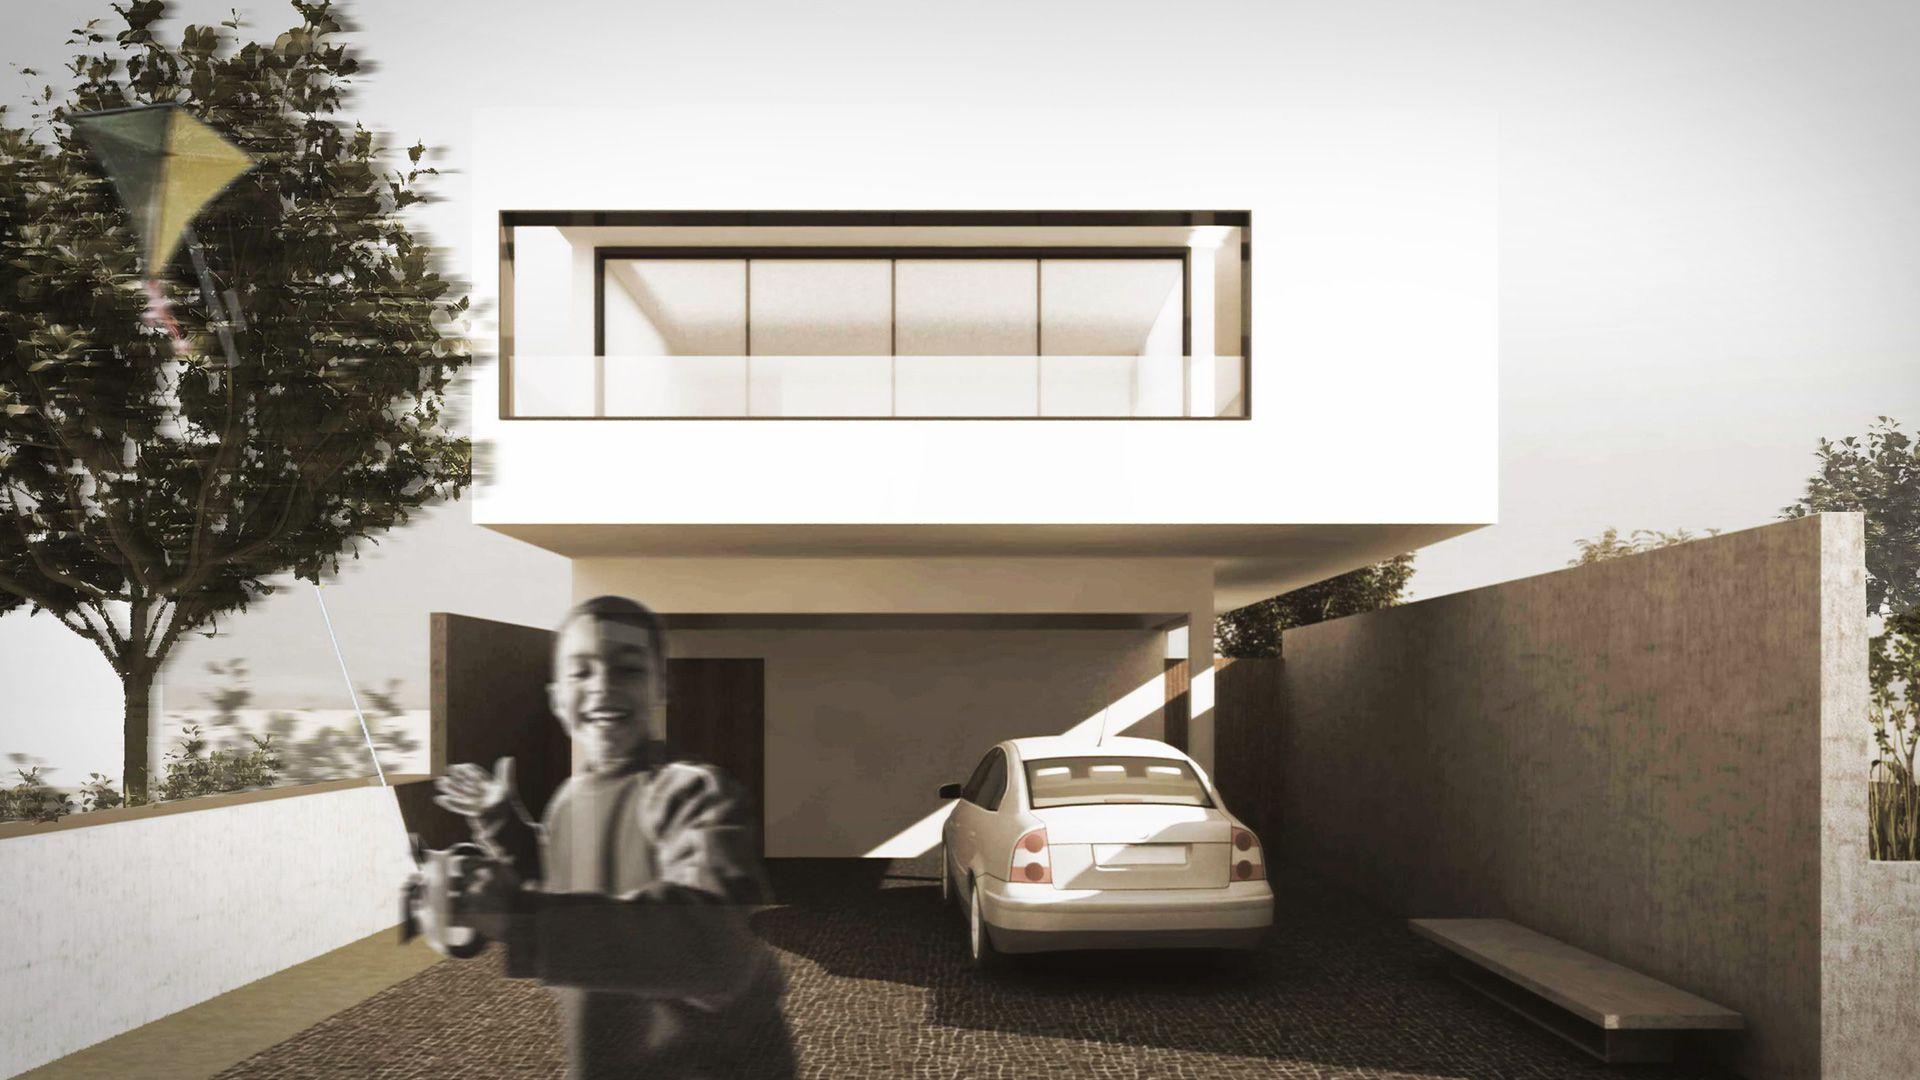 aruana-render-01-fachada-pipa